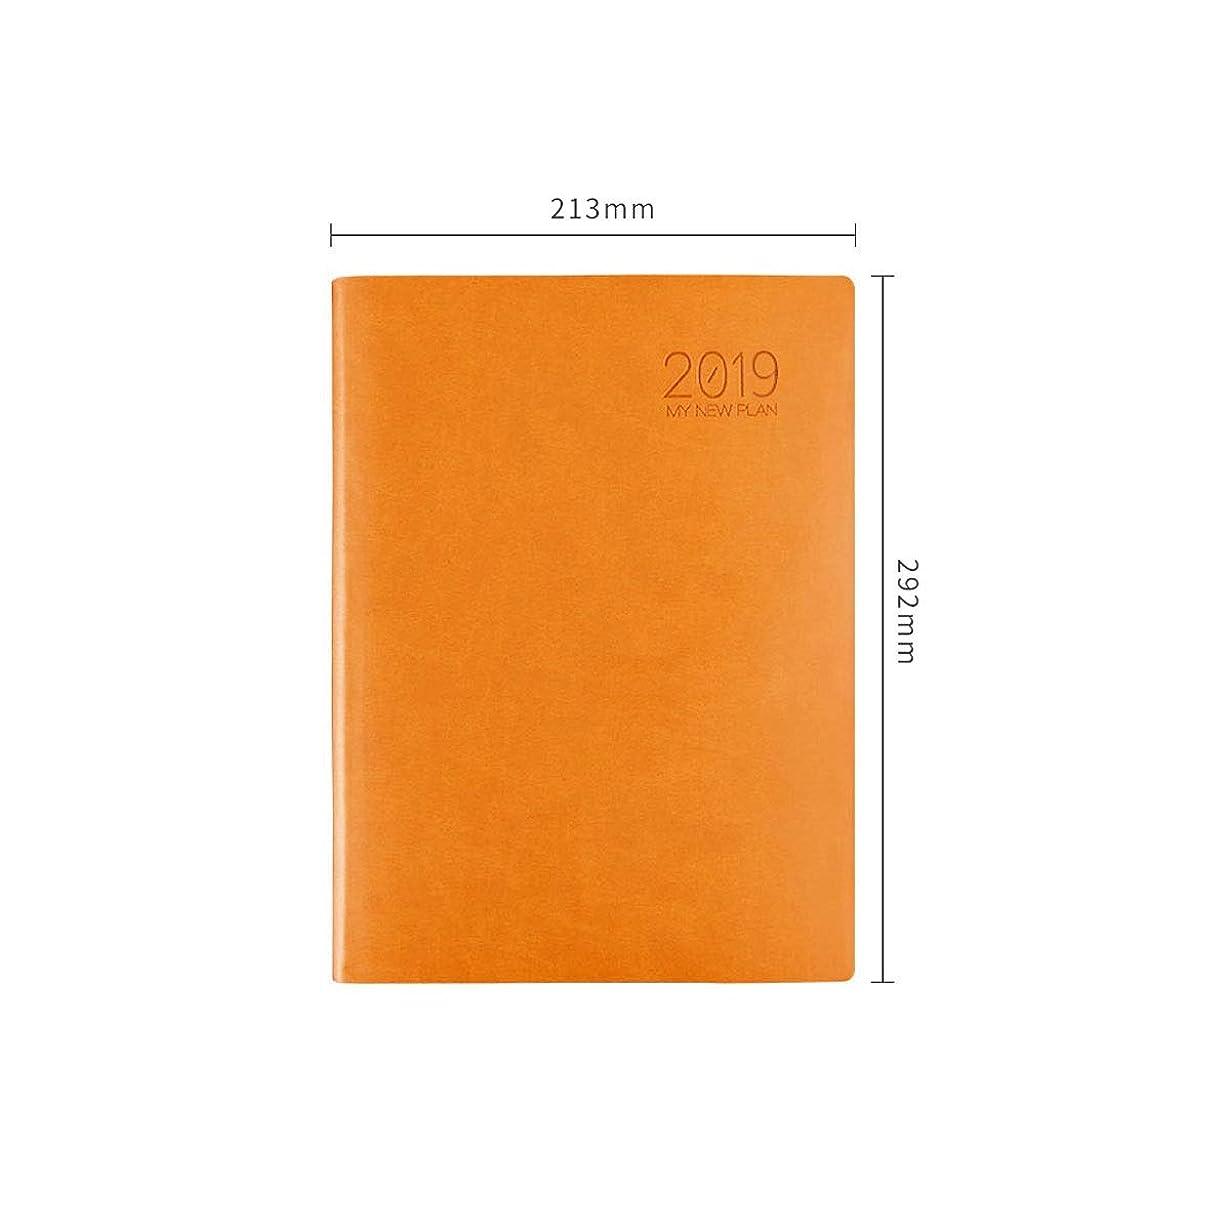 目覚める支出Hengtongtongxun グリーン、オレンジ、ブラック、ブルー、ブラウン、レッド、ギフトノートとペンセットギフトボックス、ノートセット、父の日ギフト、ビジネスオフィスのメモ帳、作業記録簿 高品質の製品 2 (Color : Orange)